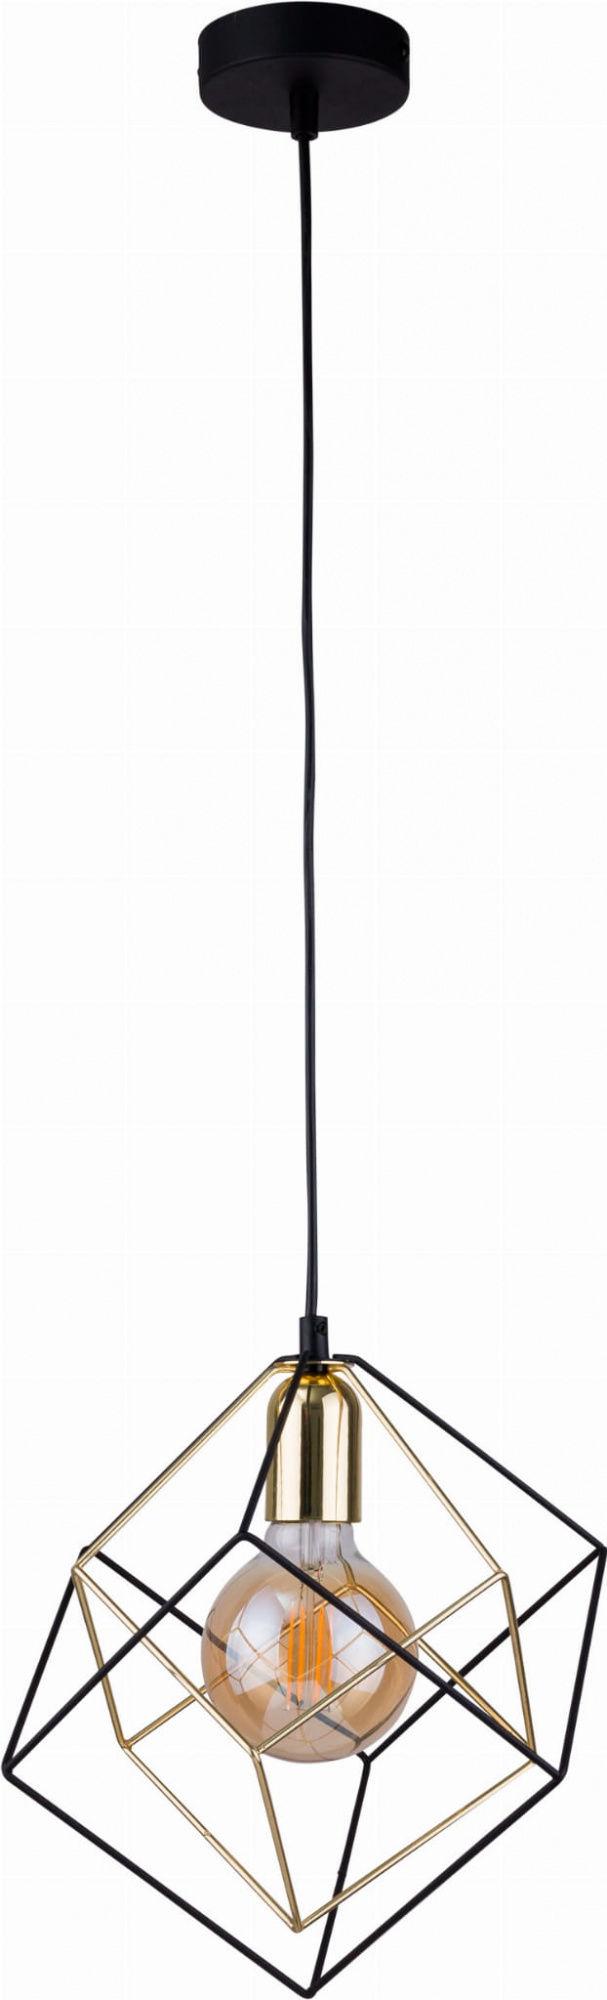 Lampa wisząca Alambre 2777 TK Lighting nowoczesna oprawa w kolorze czarnym